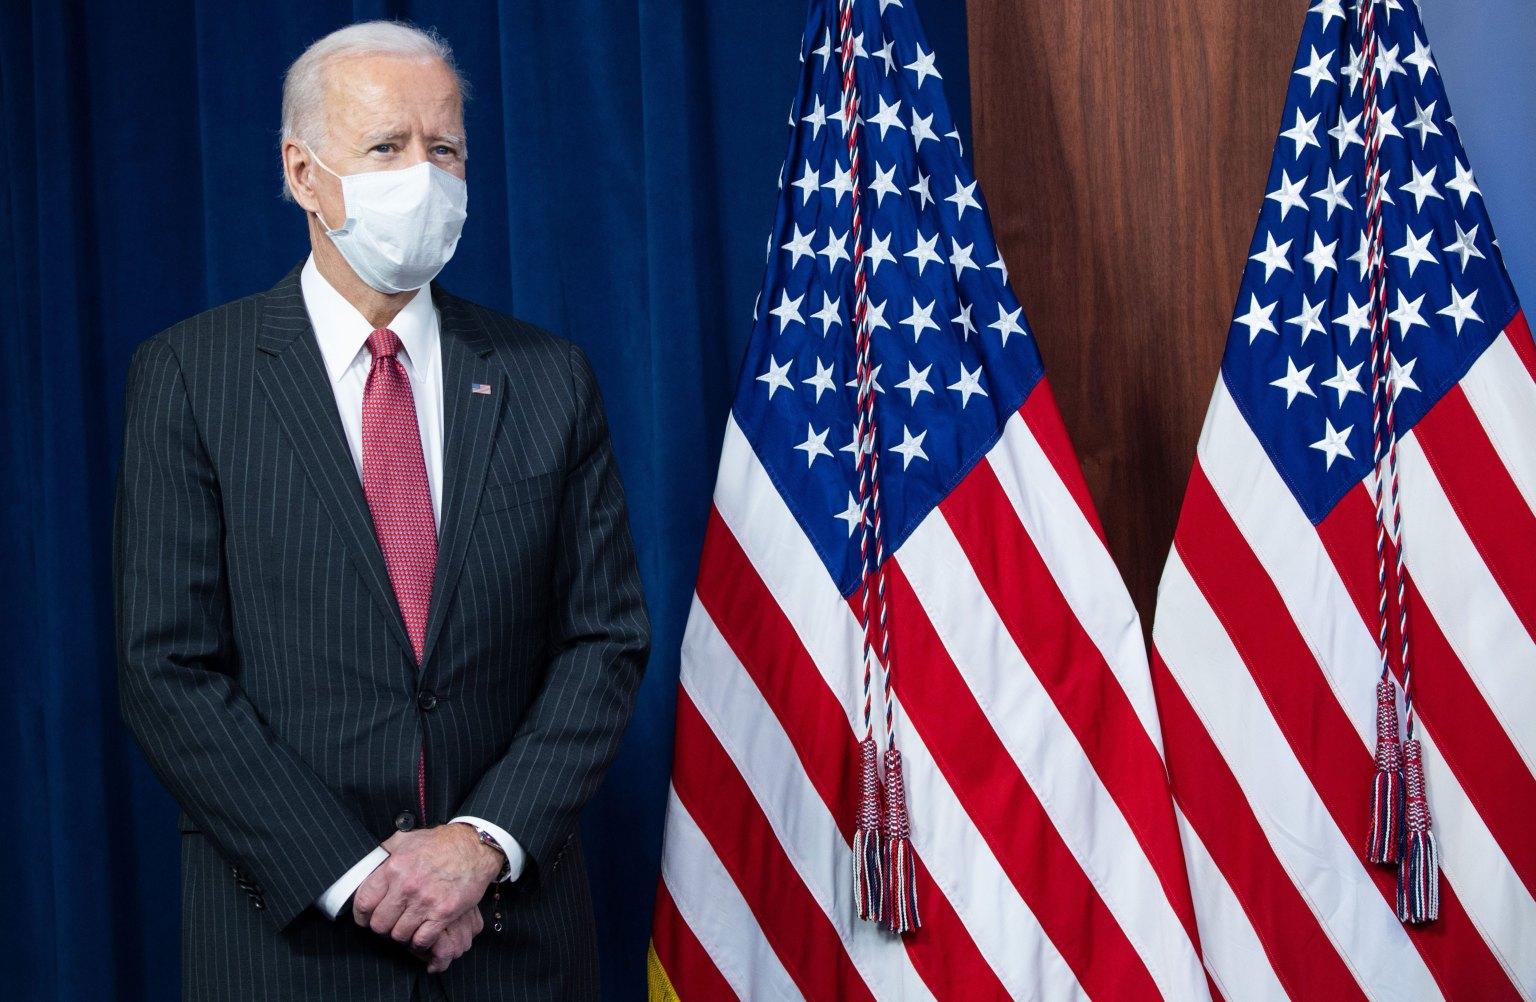 President Biden signs $1.9 trillion Covid-19 relief law